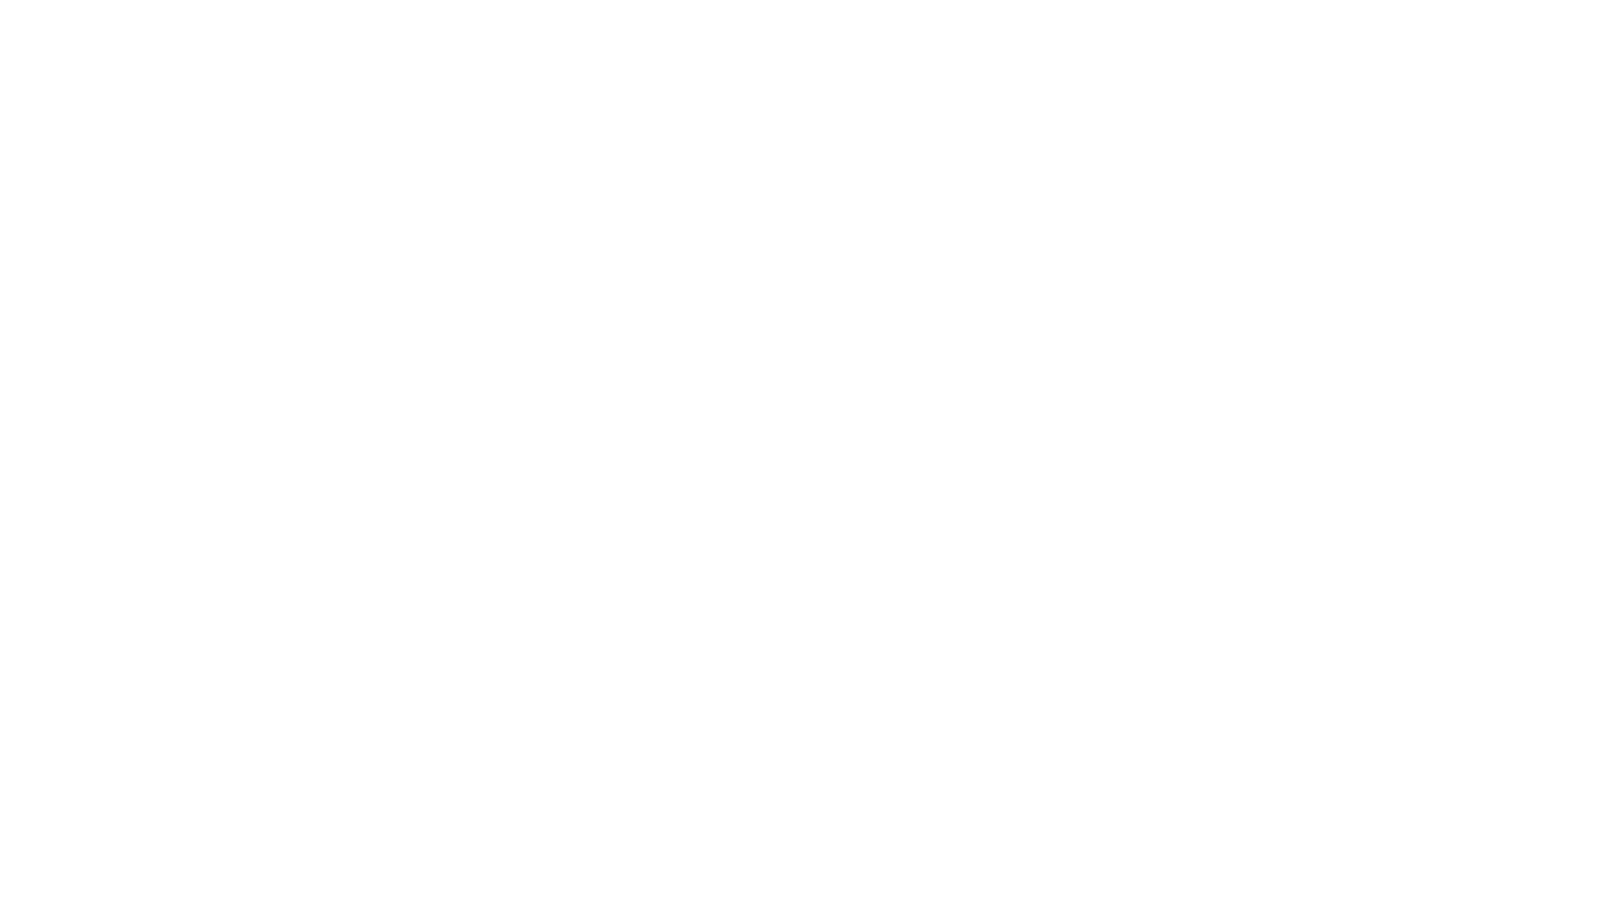 Saham apa yang perlu ditimbang di masa PPKM Darurat seperti ini? Yuk kita bahas sampai akhir Semangat investasi!  NH Korindo Sekuritas __________ https://www.instagram.com/nhsekuritas/ https://www.nhis.co.id/ https://www.facebook.com/NH-Korindo-S... 021 - 5088 9102 #morningbrief #ihsg #rekomendasisaham #nhkorindosekuritas